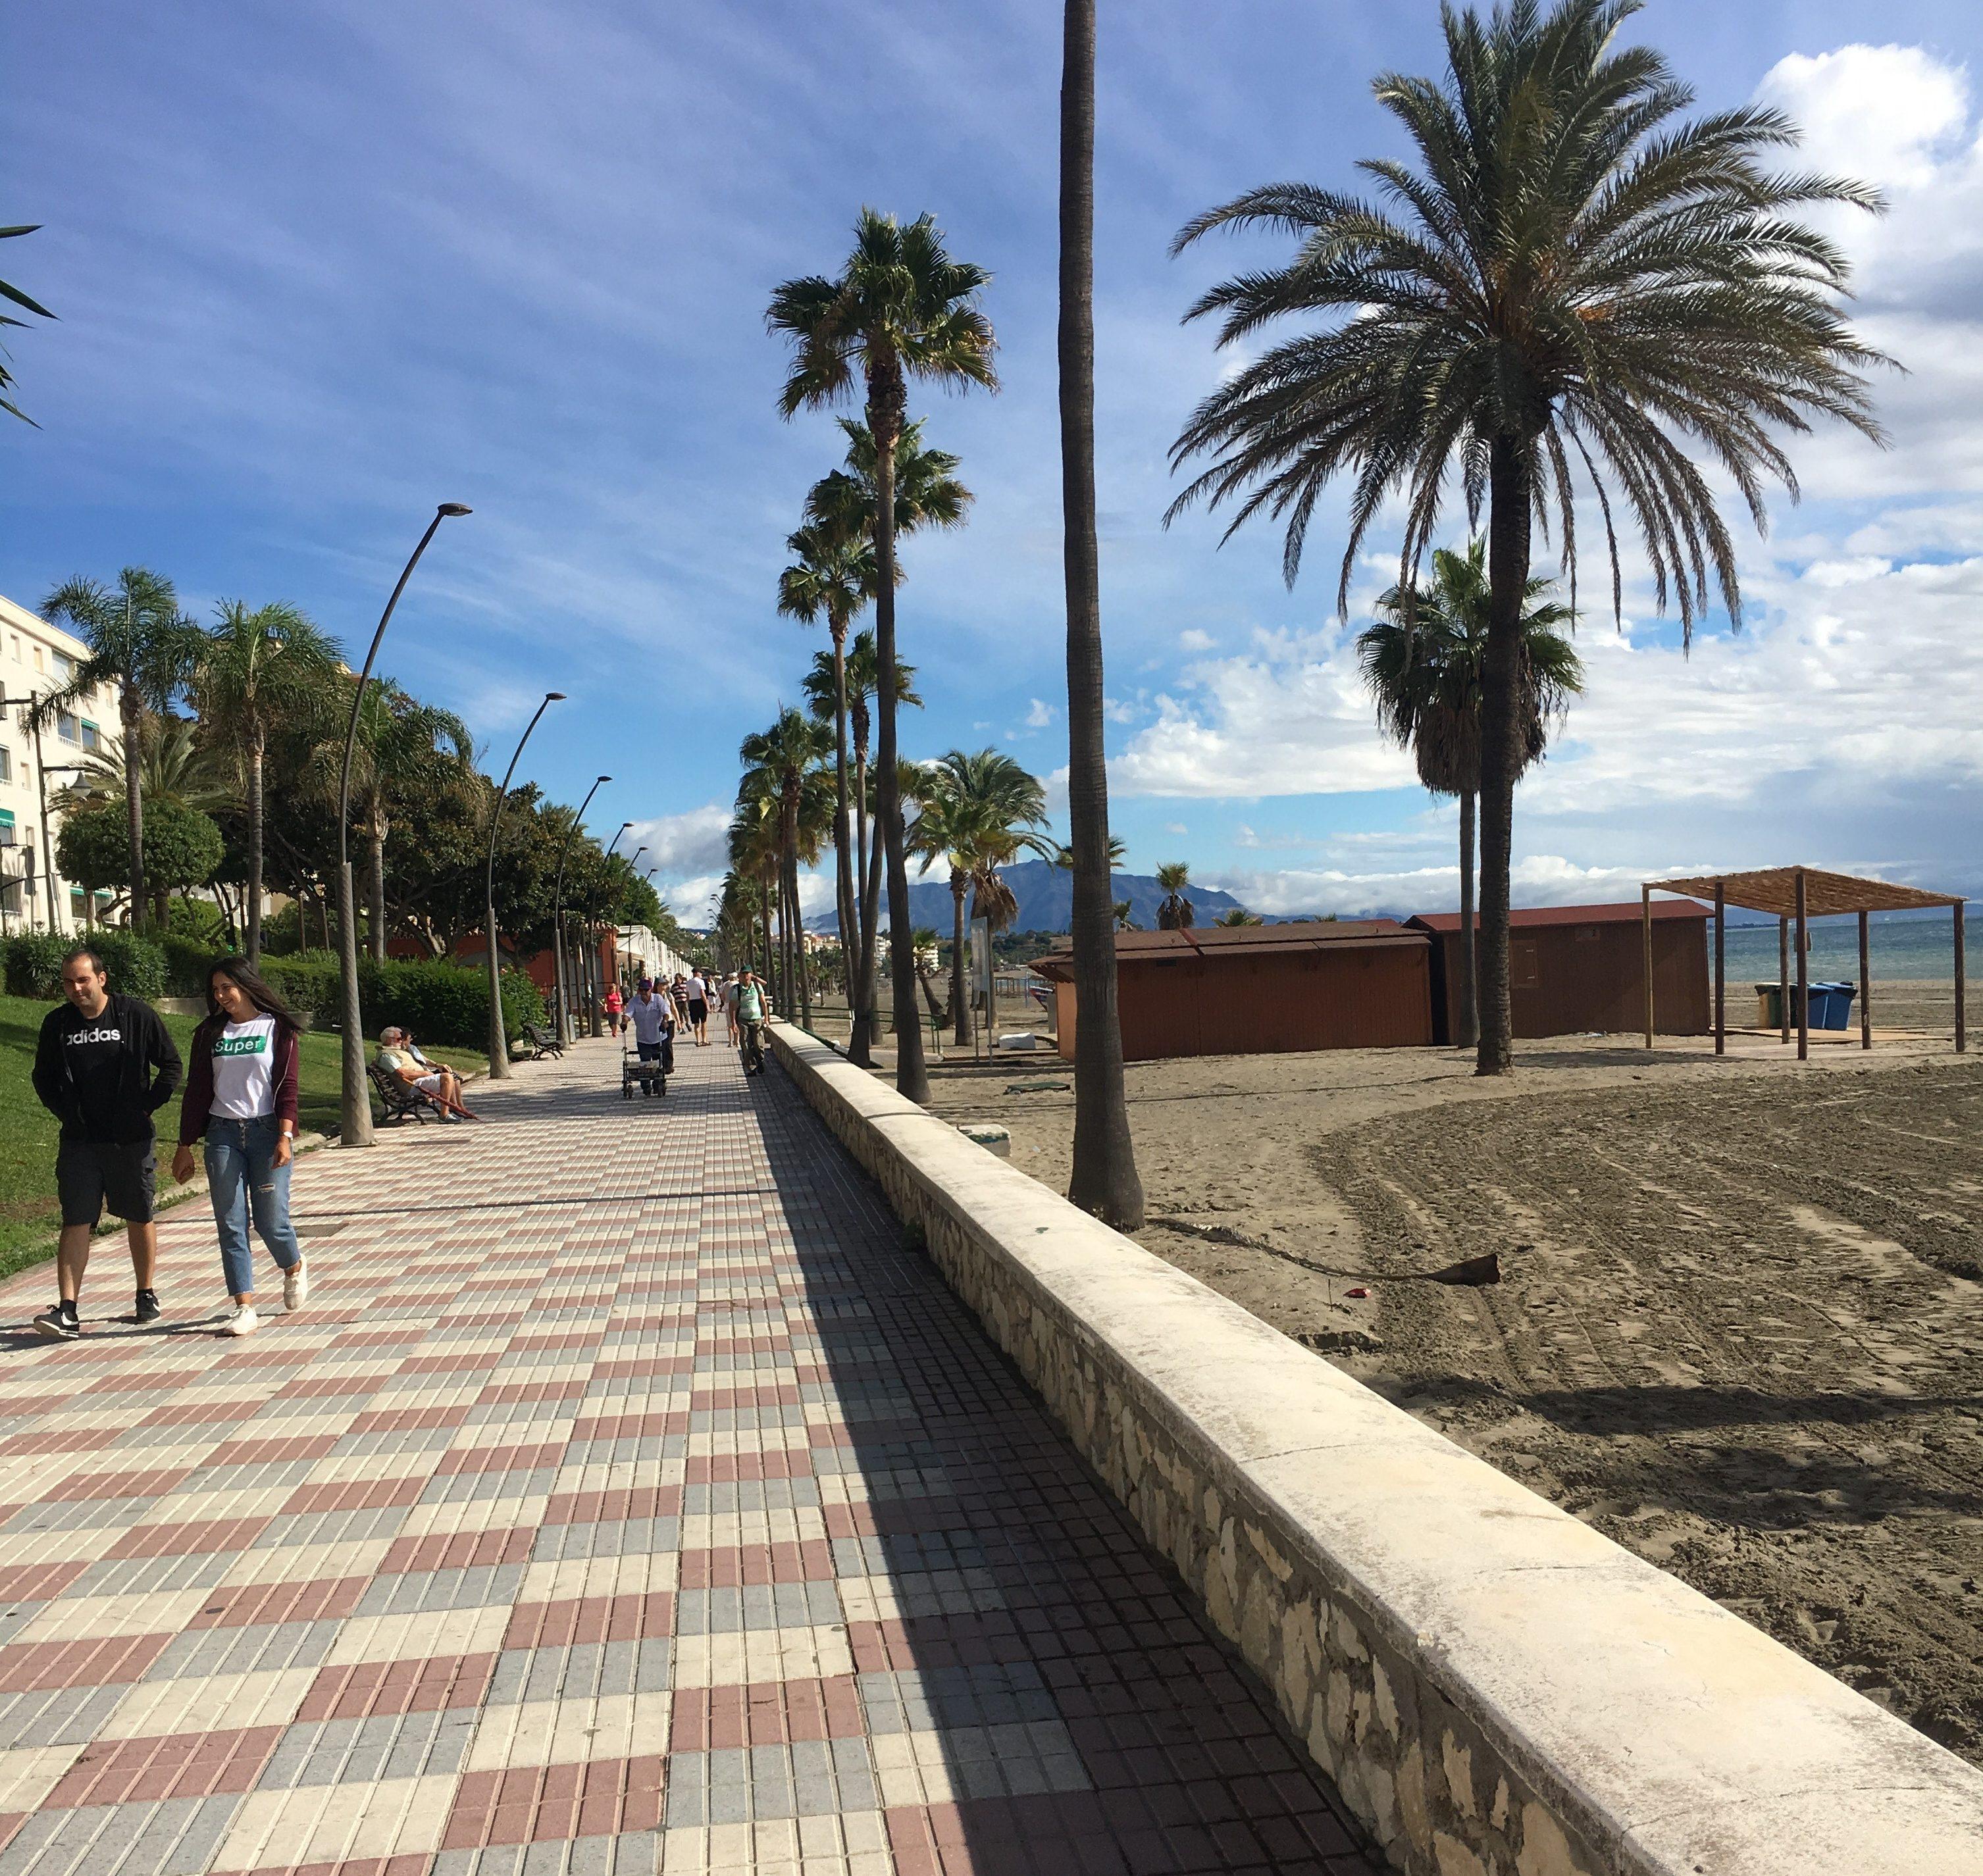 estepona strand promenade